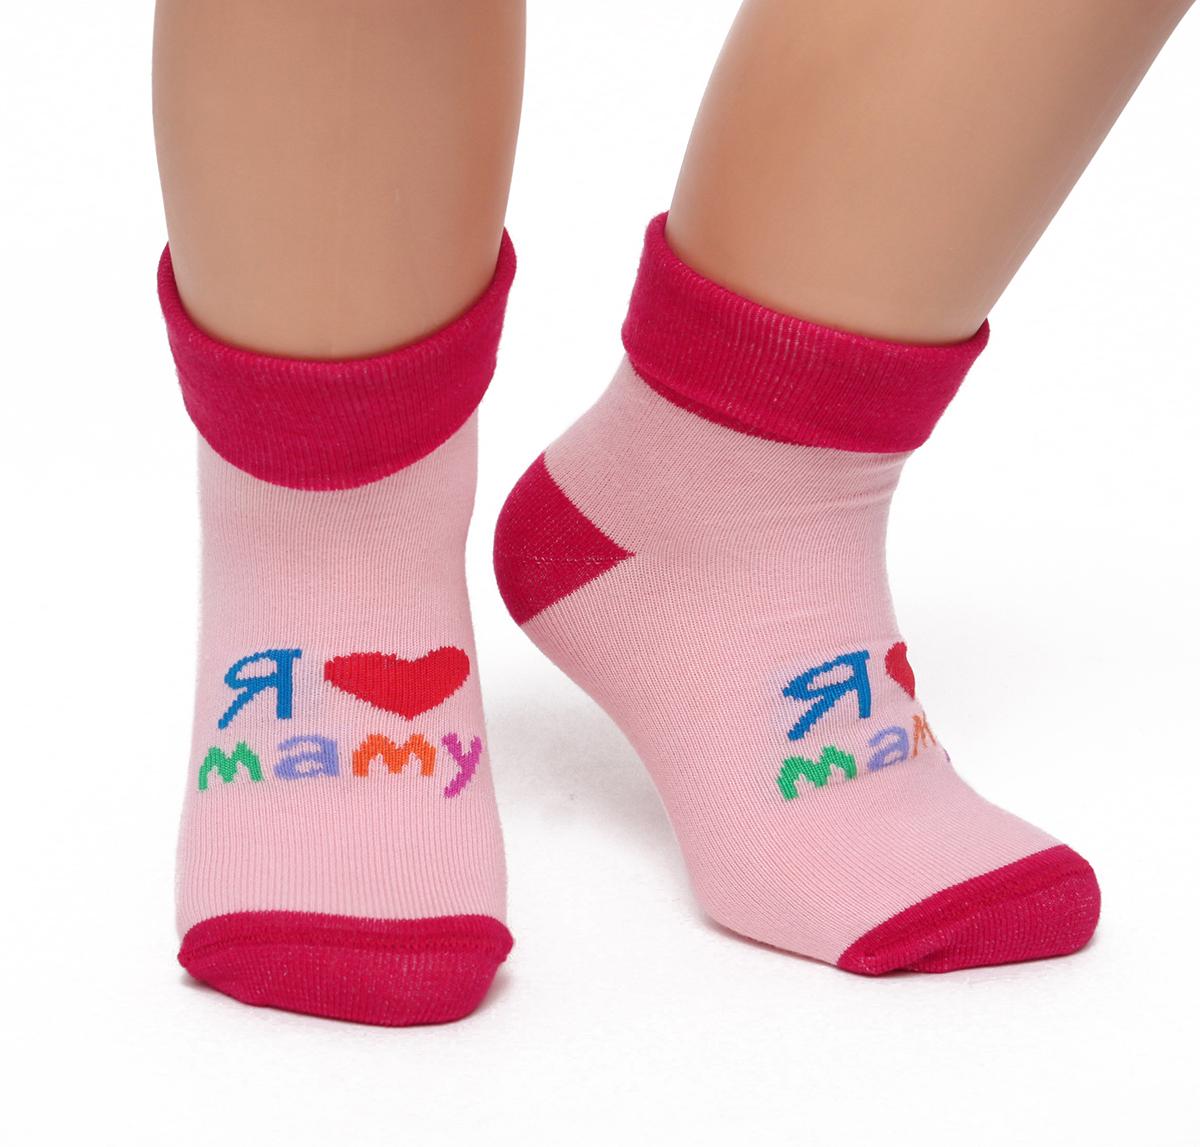 Носки детские Touch Gold, цвет: розовый. 125. Размер 0-12 месяцев125Детские носочки изготовлены из высококачественного хлопка. Мягкая широкая резинка, не перетягивает ножку.